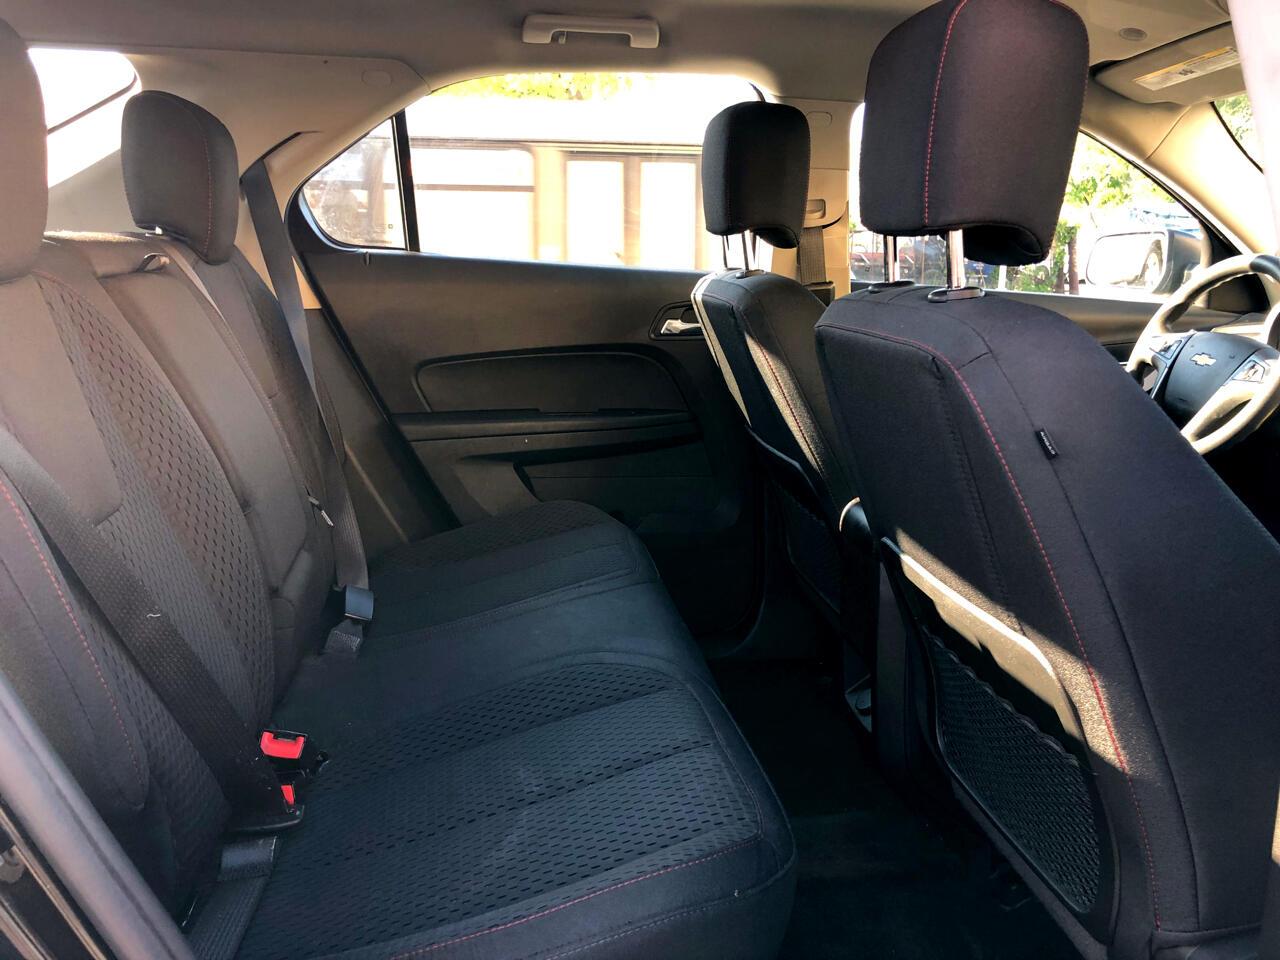 2015 Chevrolet Equinox FWD 4dr LS